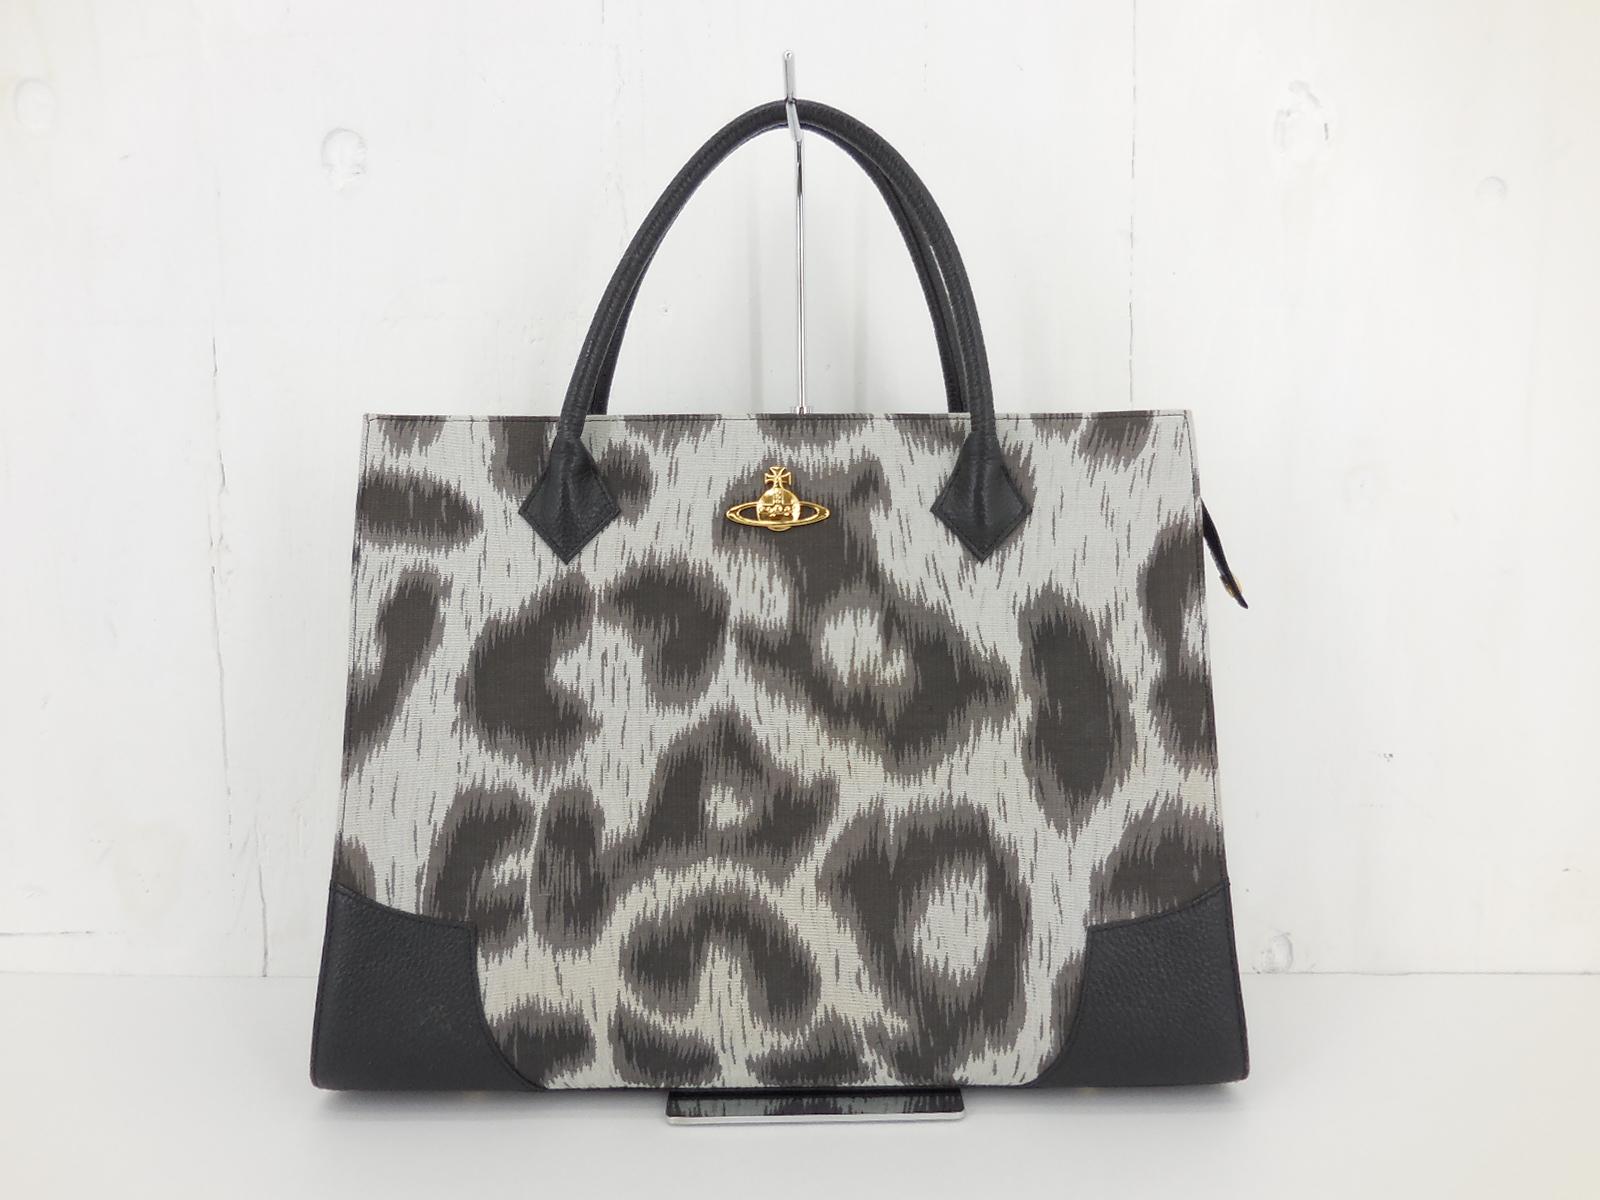 【値下げしました】Vivienne Westwood Leopard Business Bag ヴィヴィアンウエストウッド 豹柄 ヒョウ柄 ビジネスバッグ ブラック